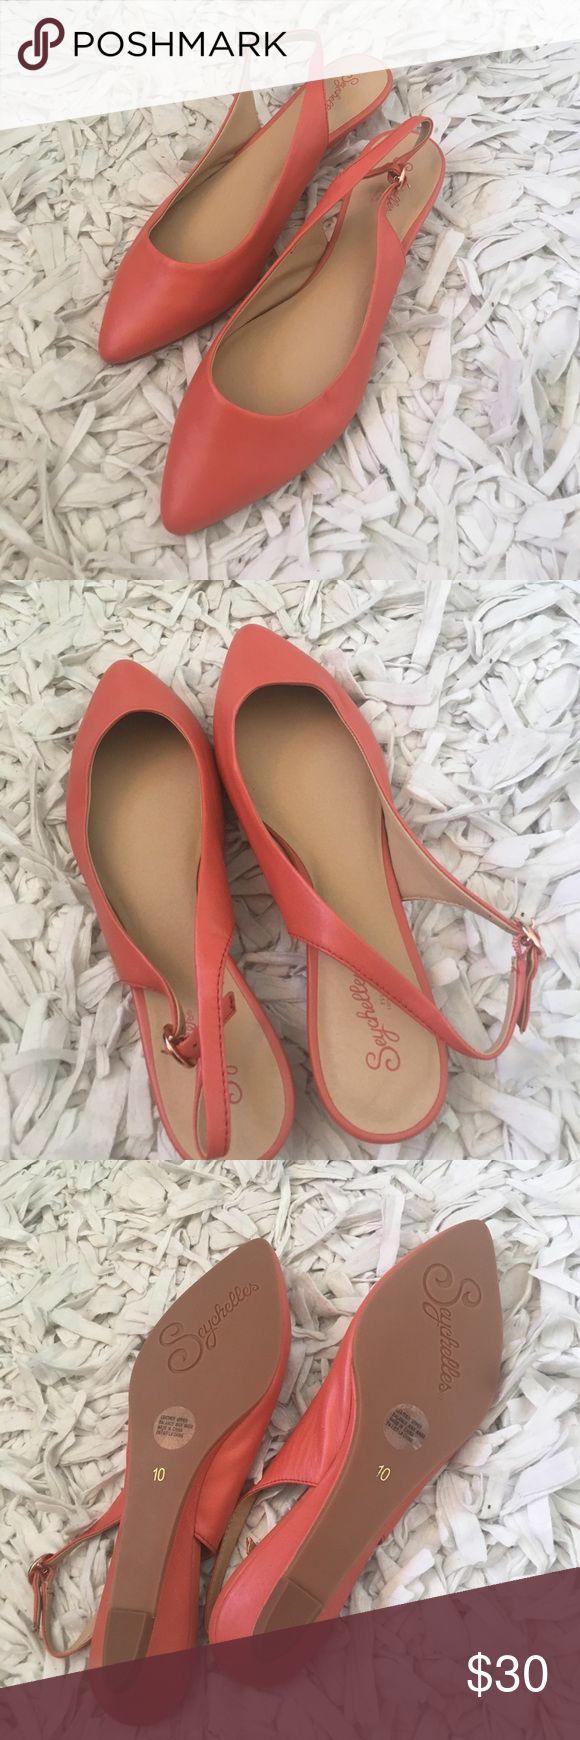 Seychelles coral sling back wedges. NWOT Seychelles coral sling back wedges. NWOT Seychelles Shoes Wedges